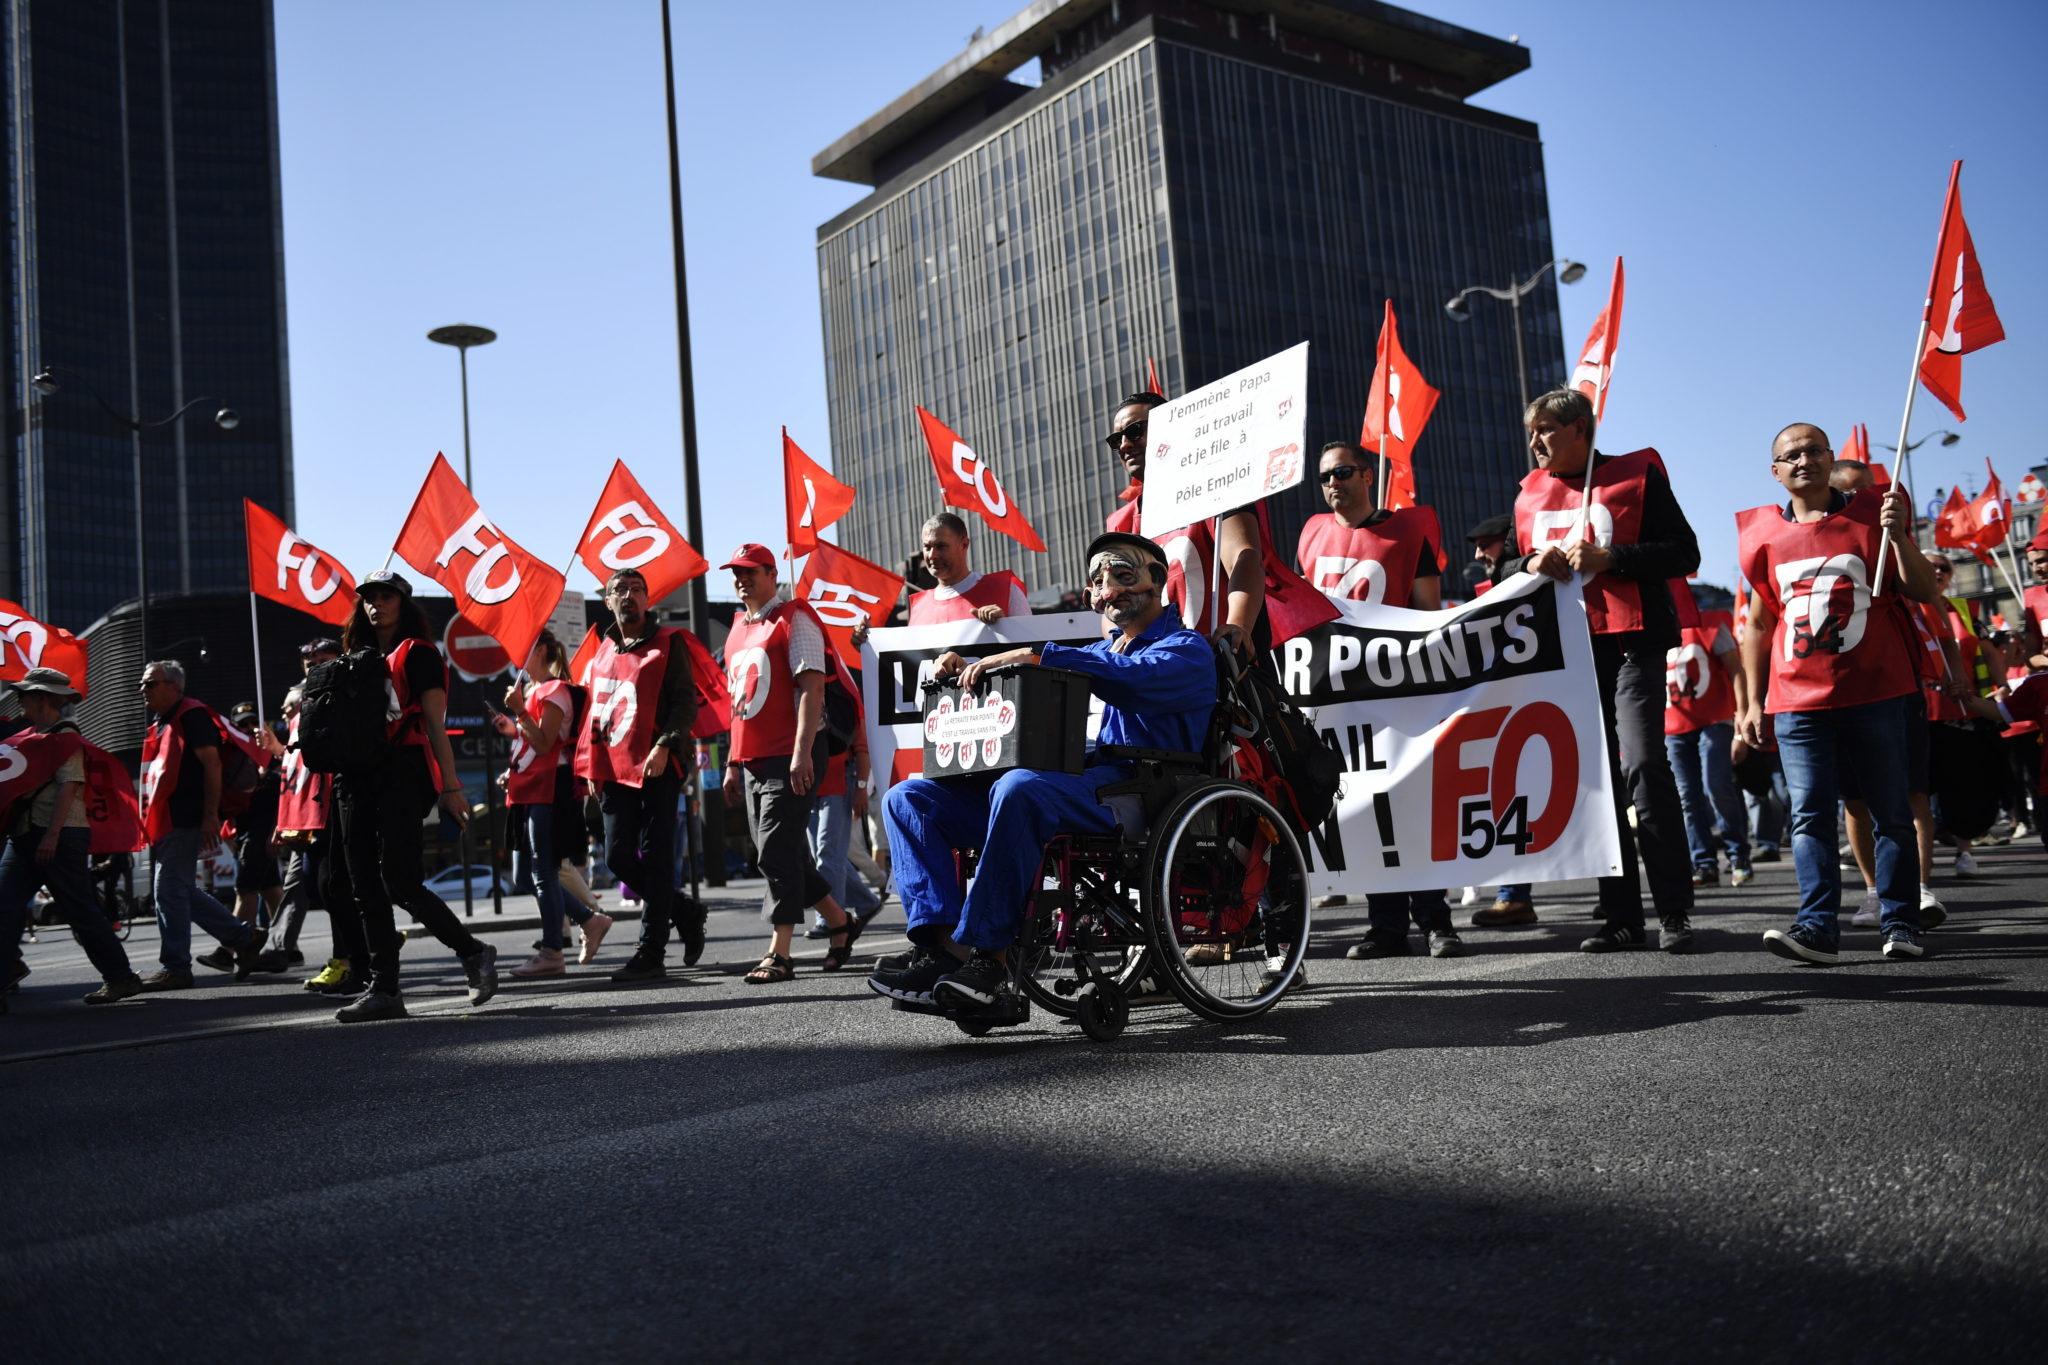 Paryż: protesty (głównie związkowców) przeciwko zmianom w systemie emerytalnym we Francji, fot. JULIEN DE ROSA, PAP/EPA